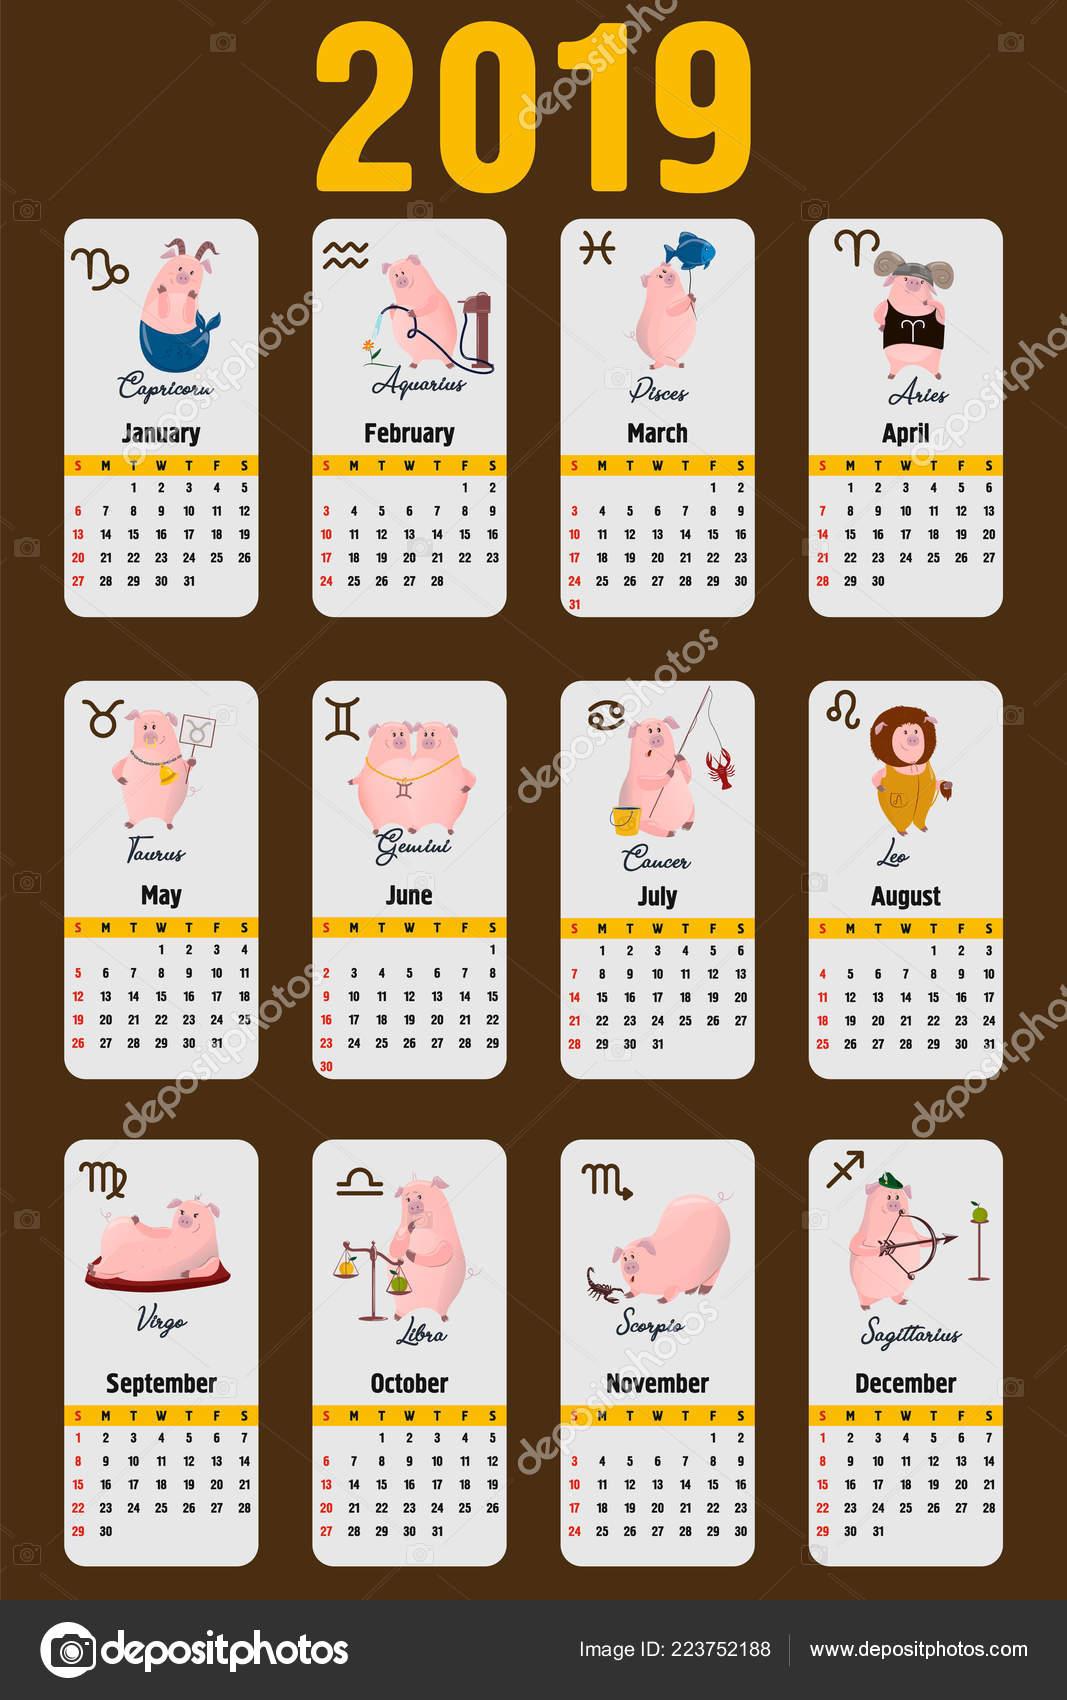 Calendario Segni.Calendario Maiale 2019 Calendario Mese Carina Con Segni